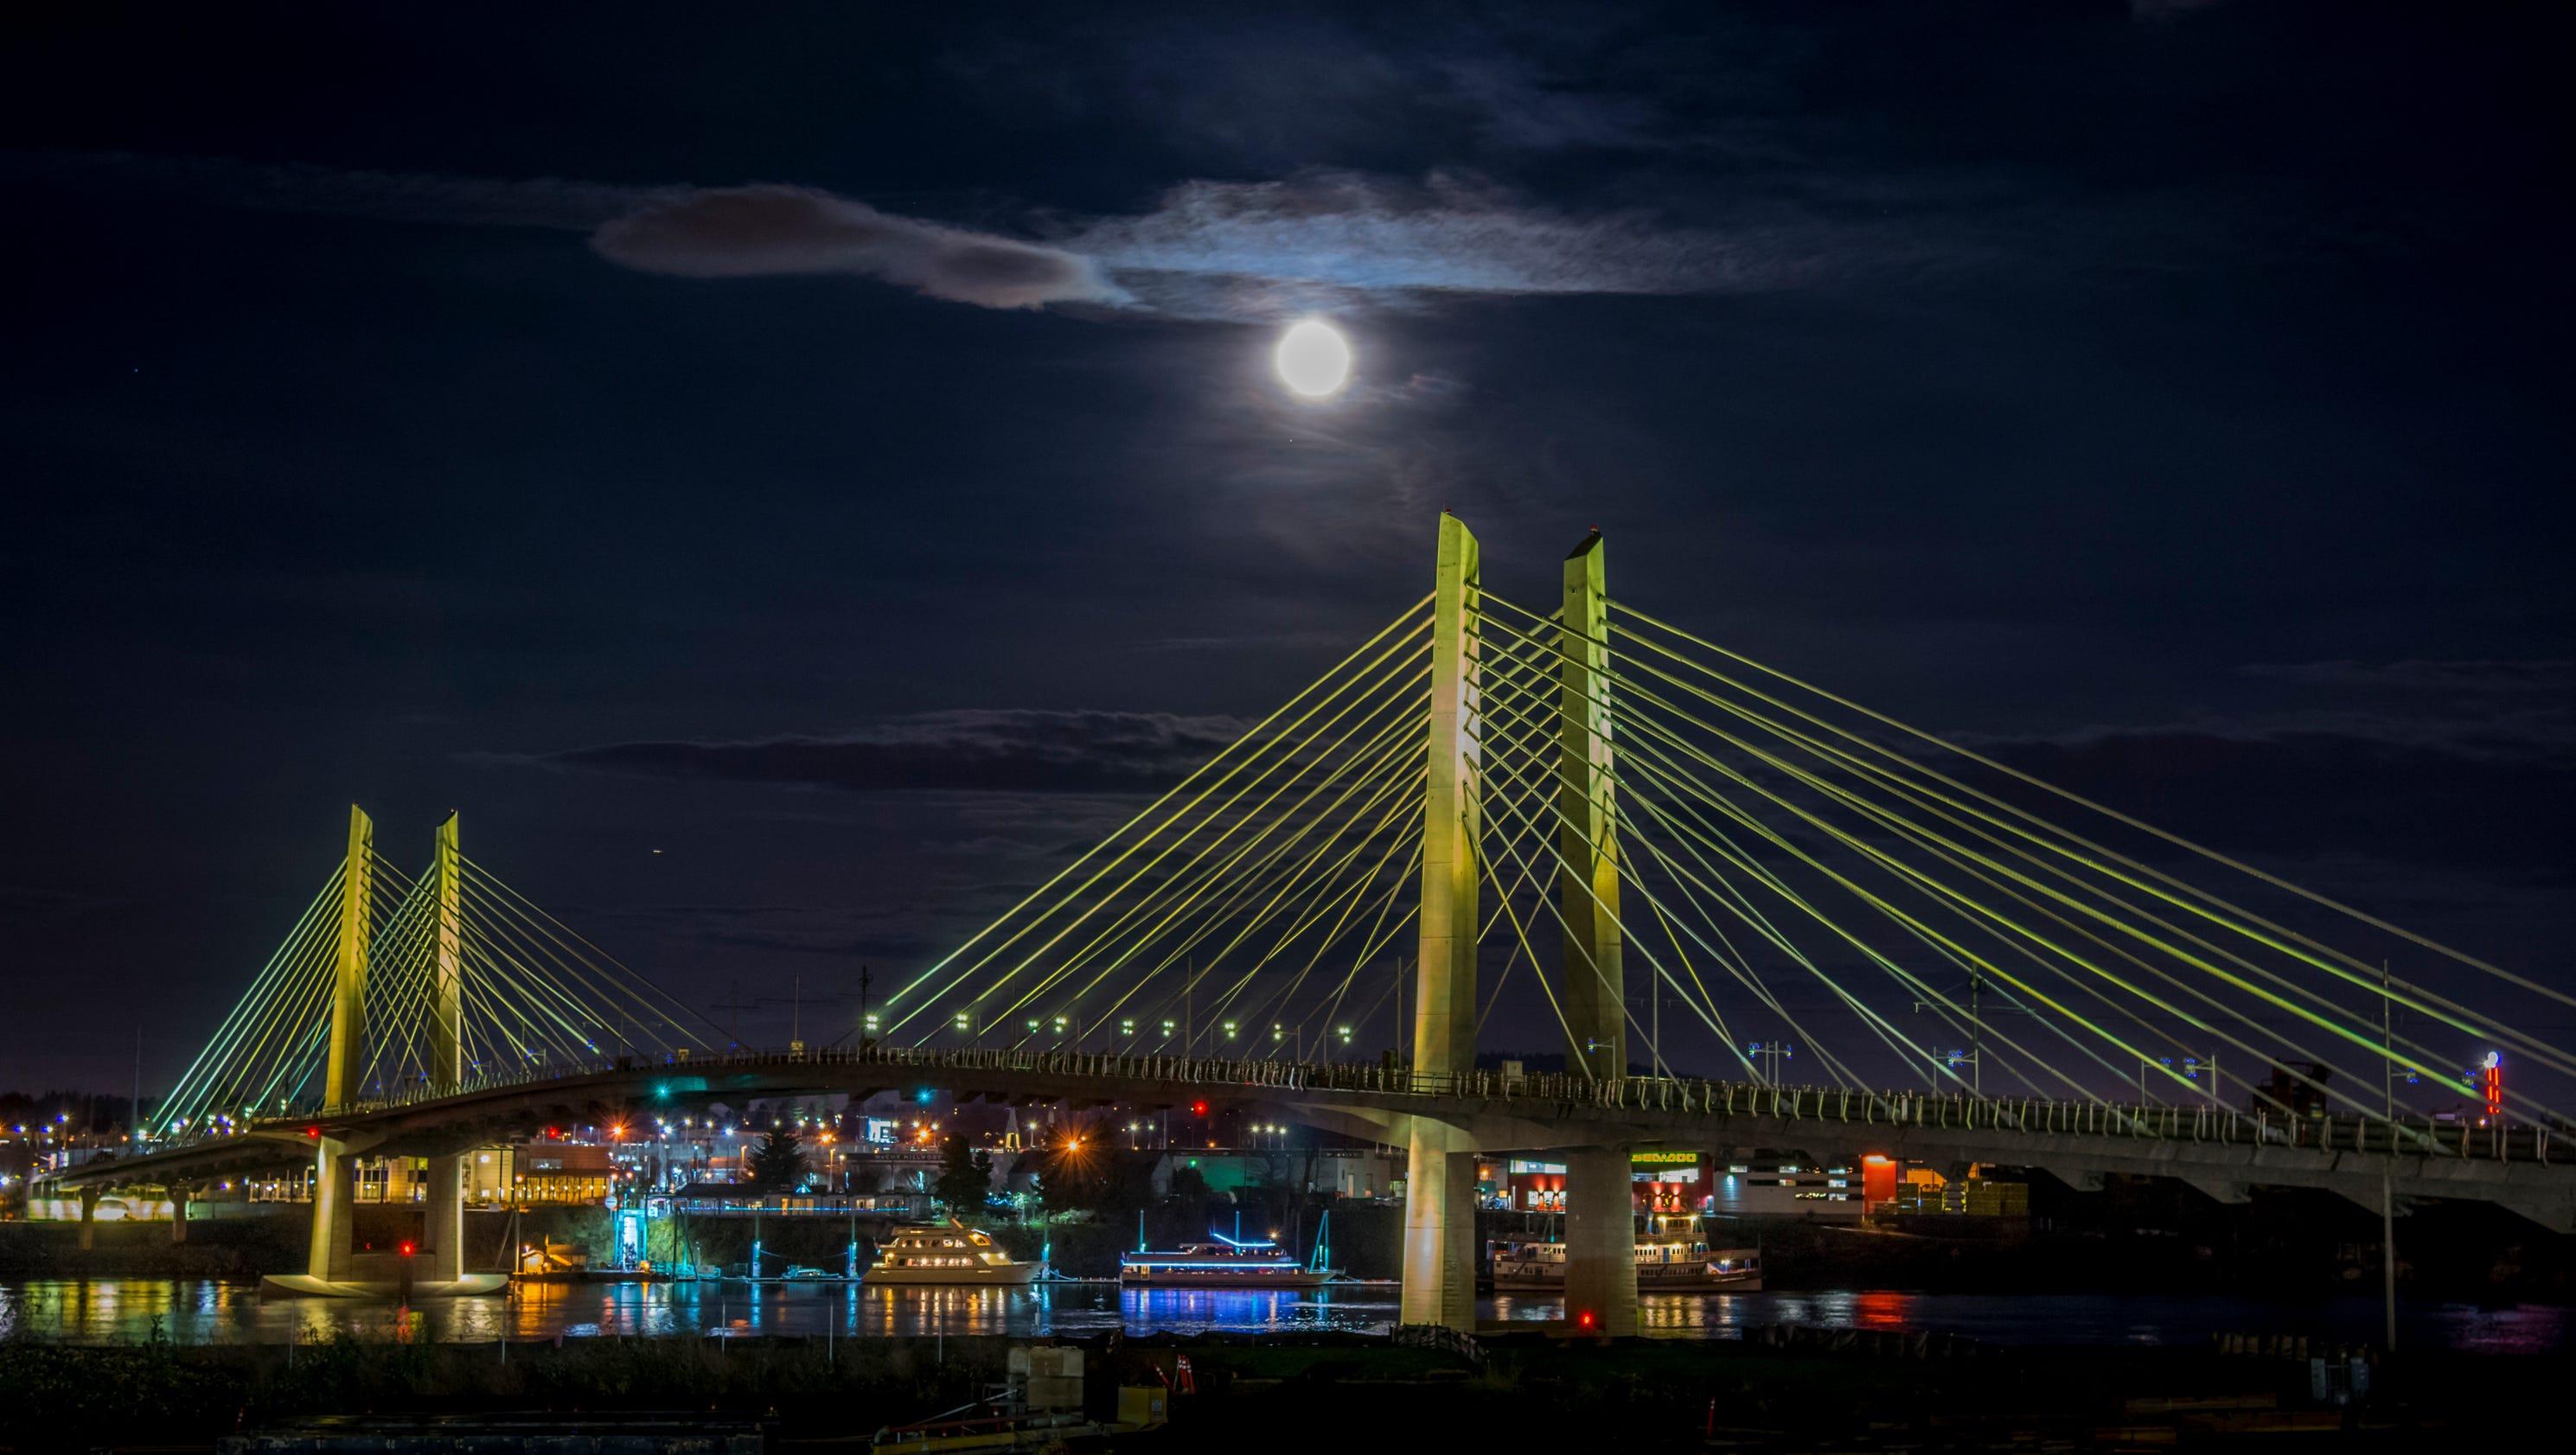 PMLR Bridge